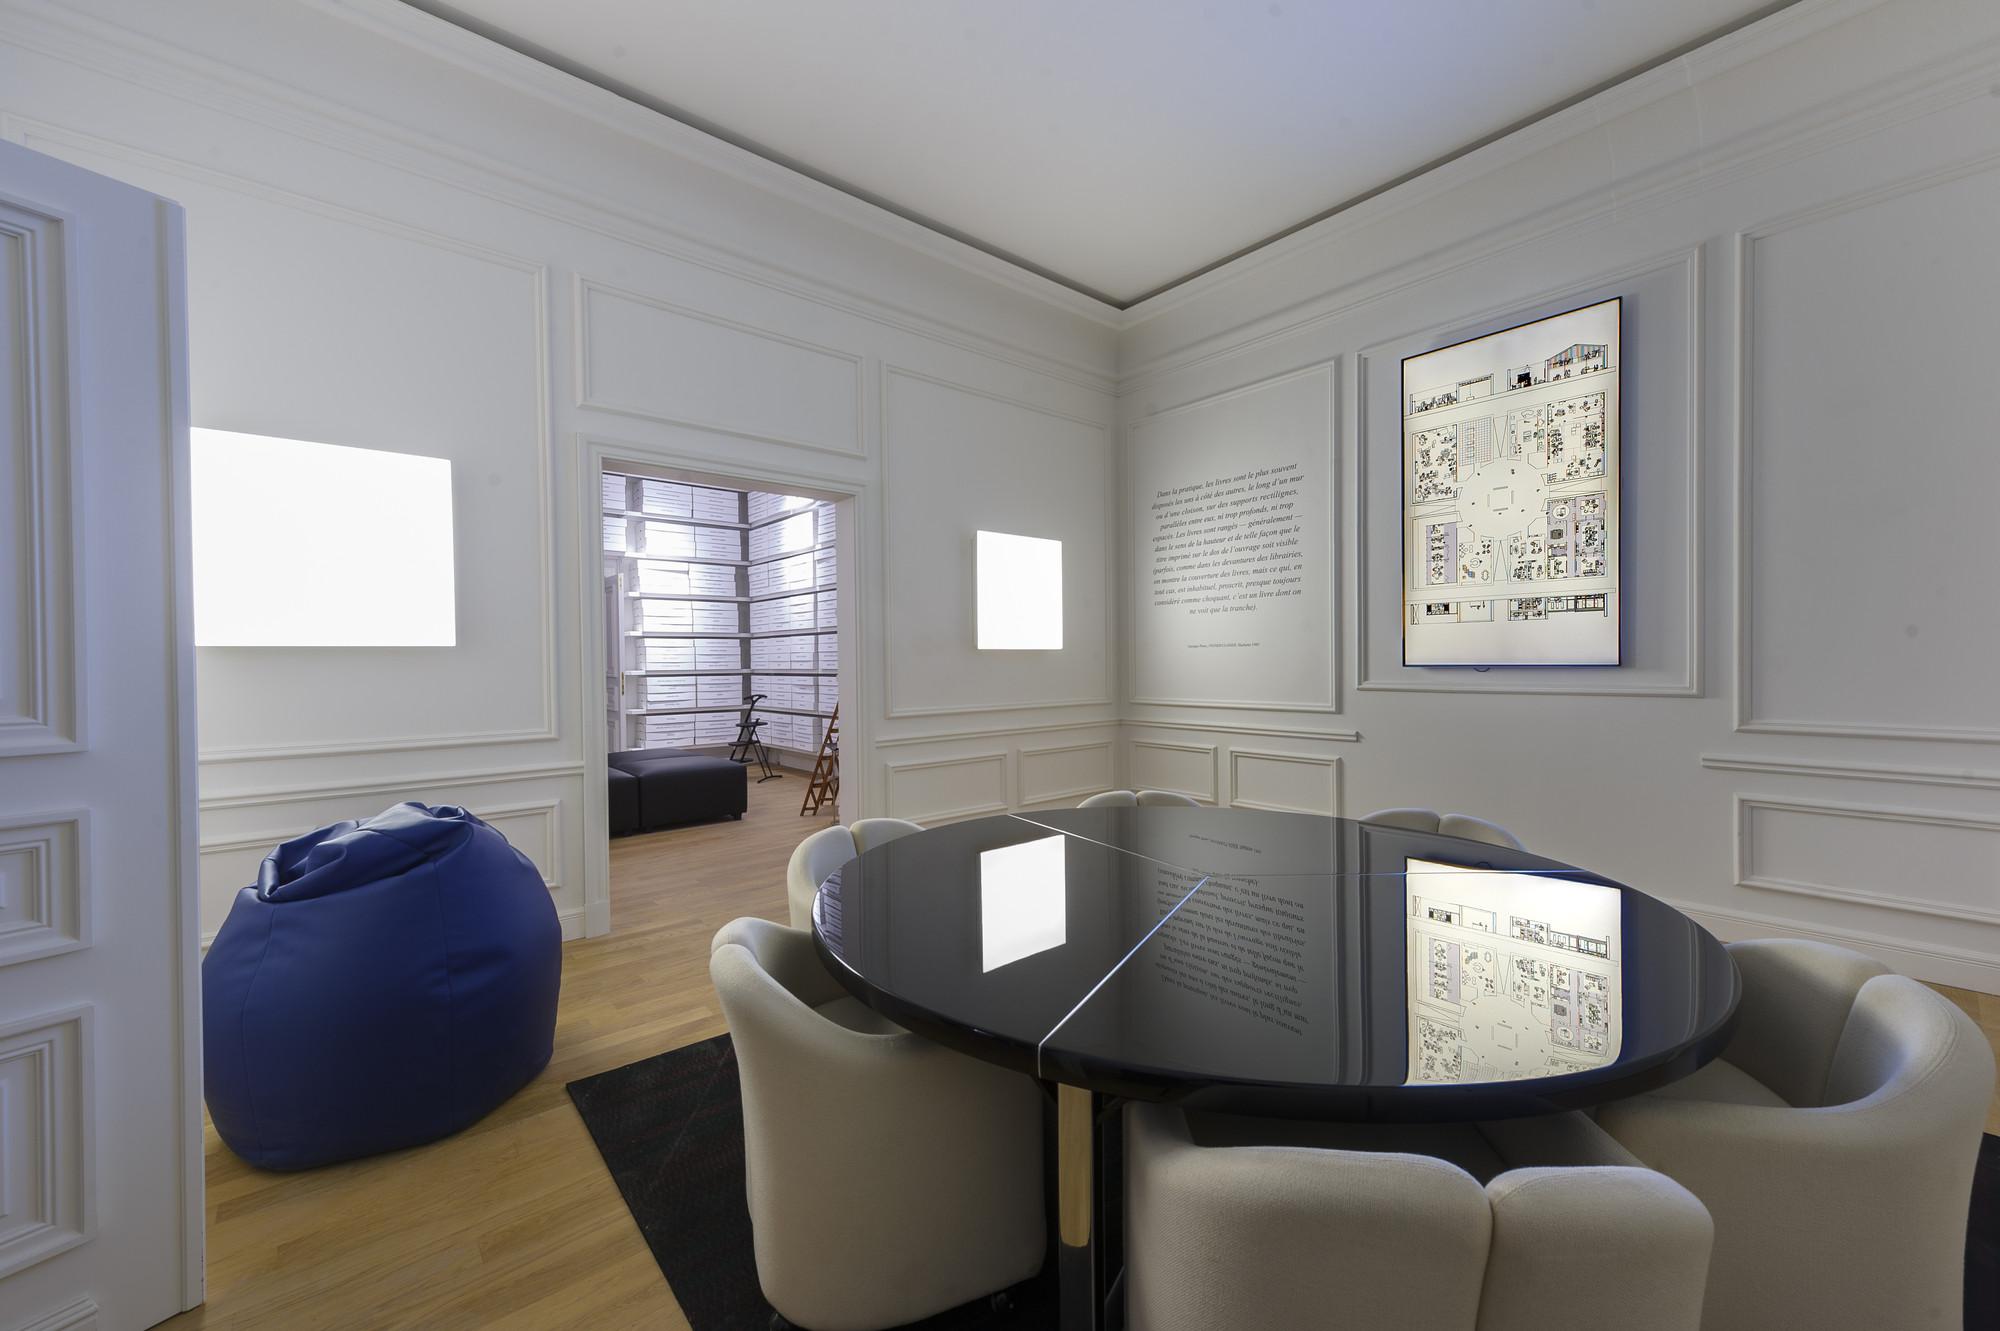 Milan design week 2013 office for living jean nouvel for Jean nouvel design